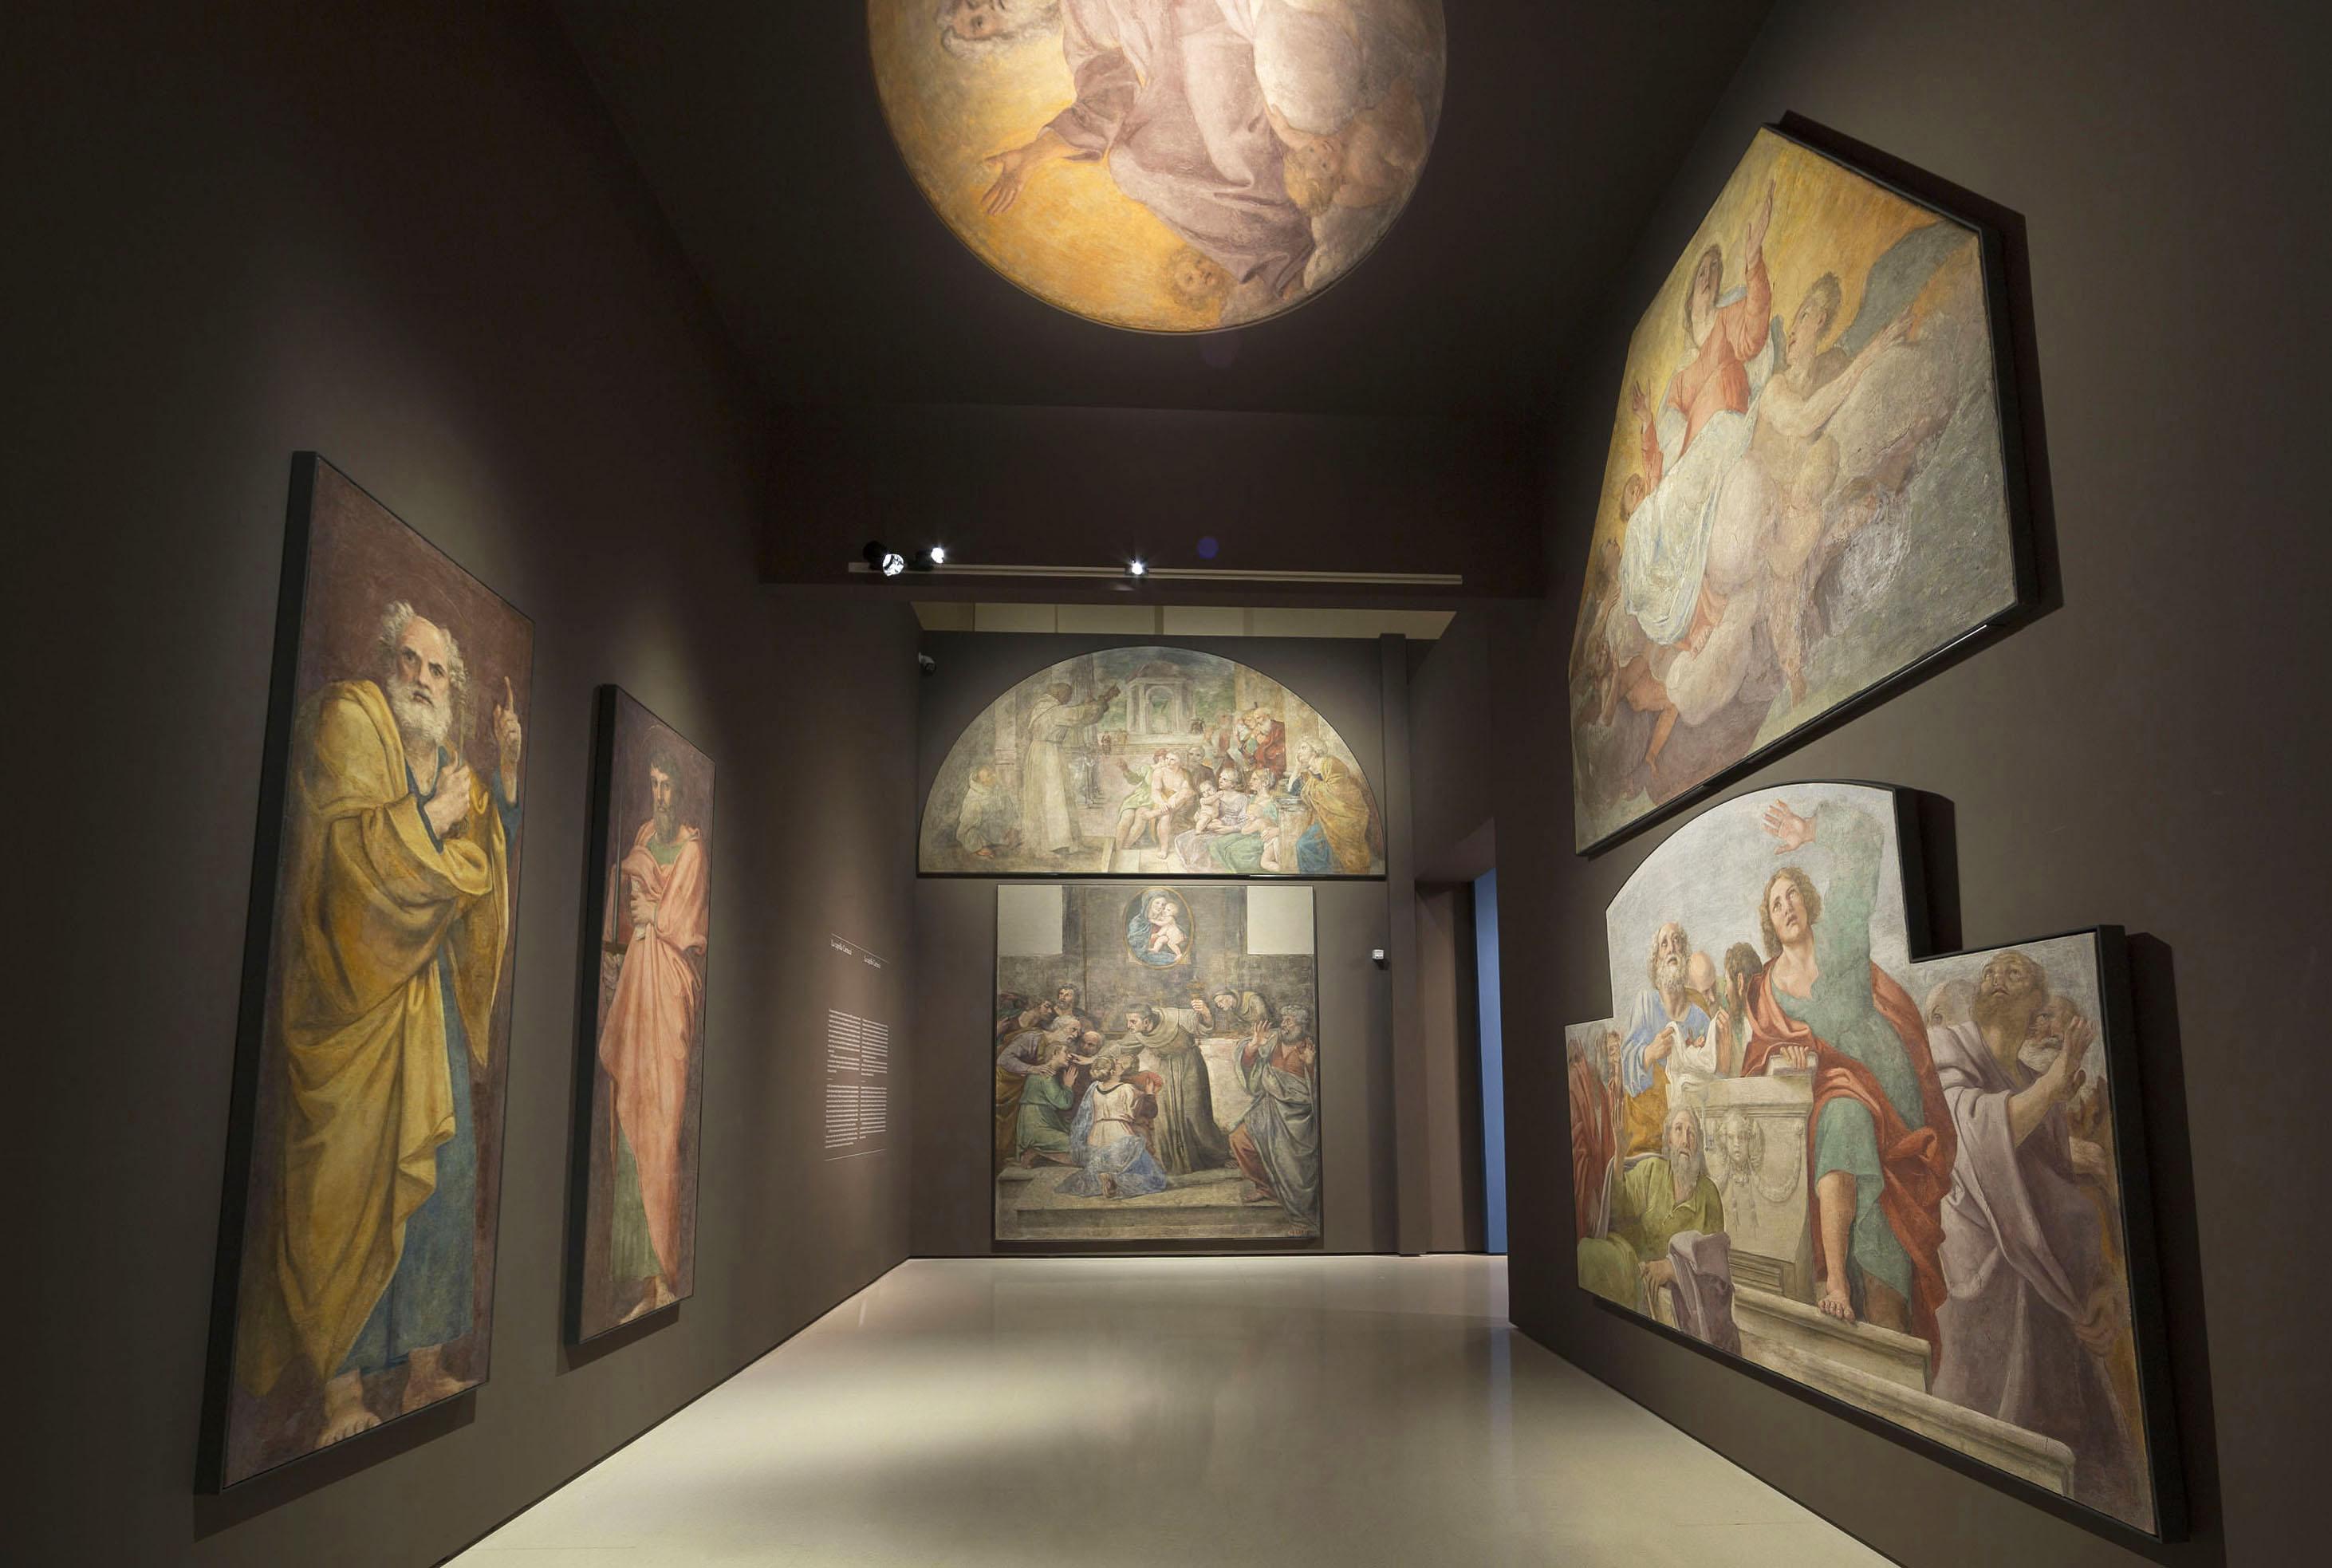 Annibale Carracci - Pintures murals de la Capella Herrera. dedicada a sant Dídac d'Alcalà - 1604-1606